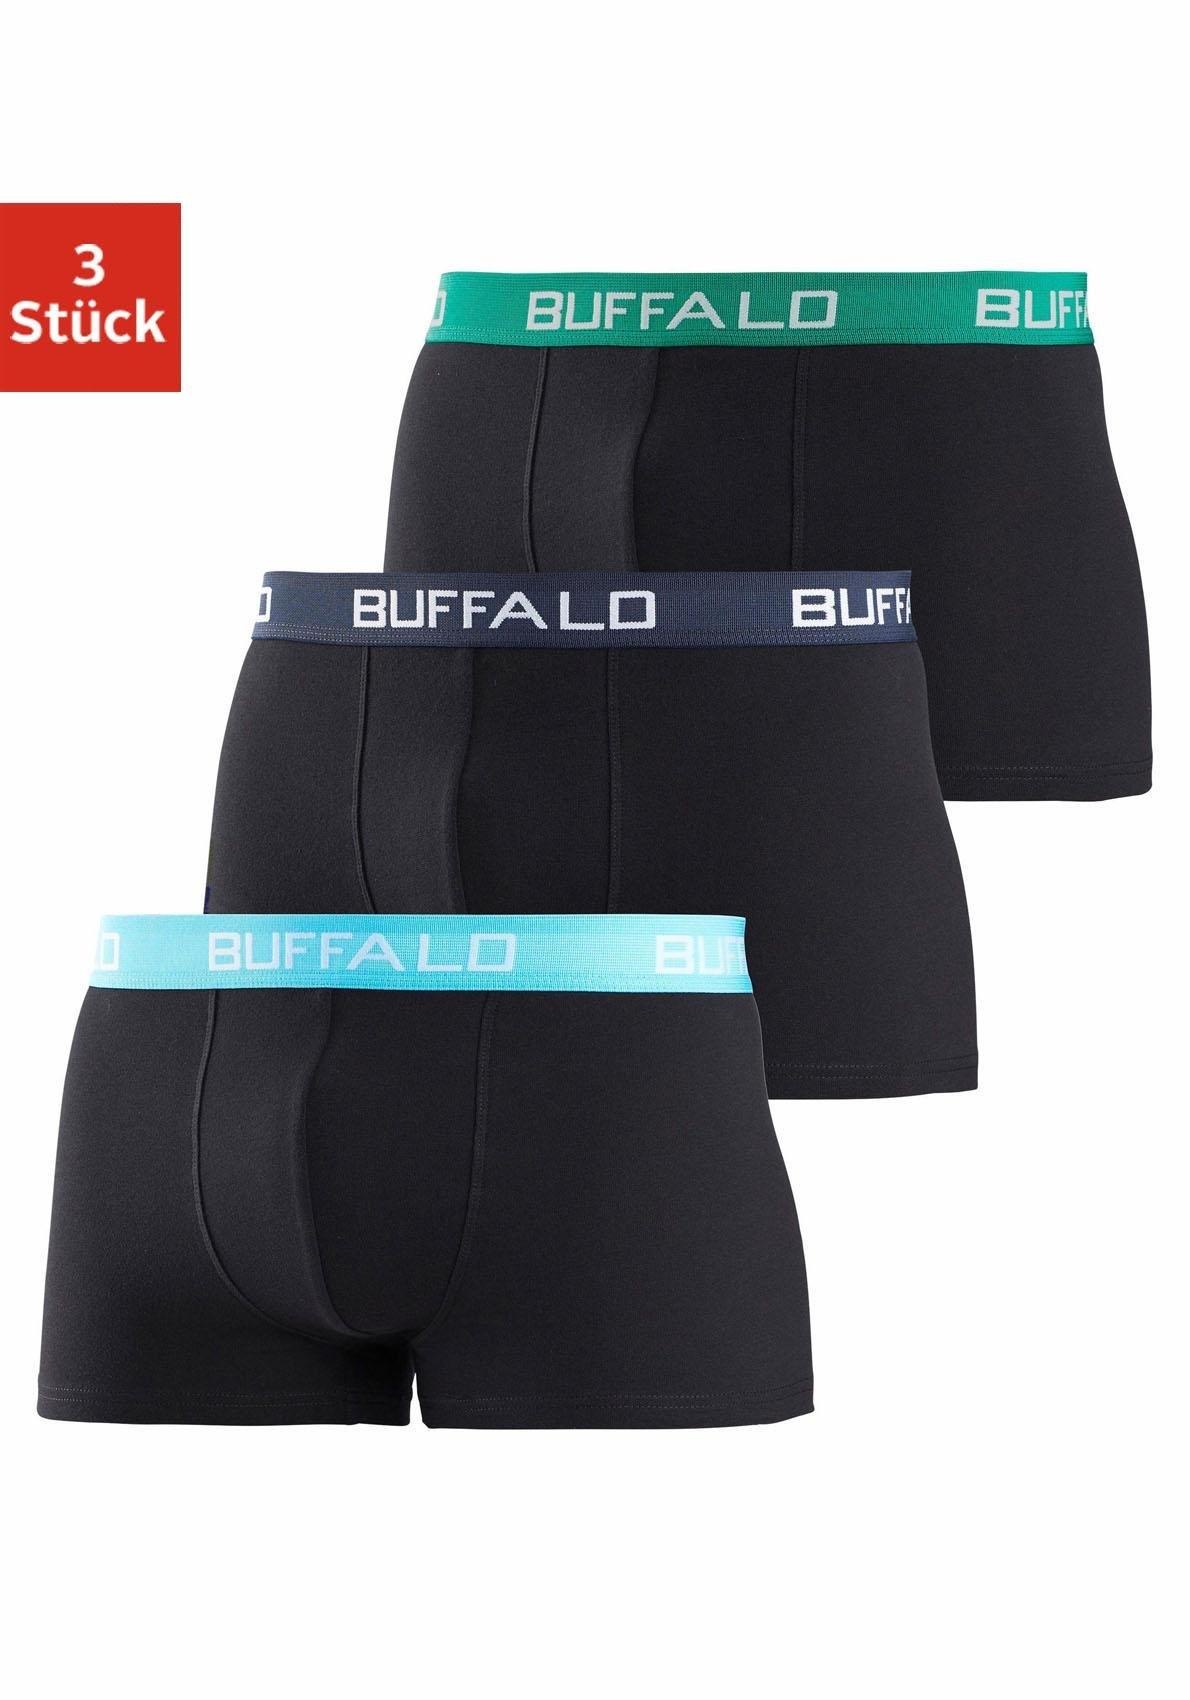 Buffalo boxershort met contrastkleurige boord (3 stuks) bij OTTO online kopen